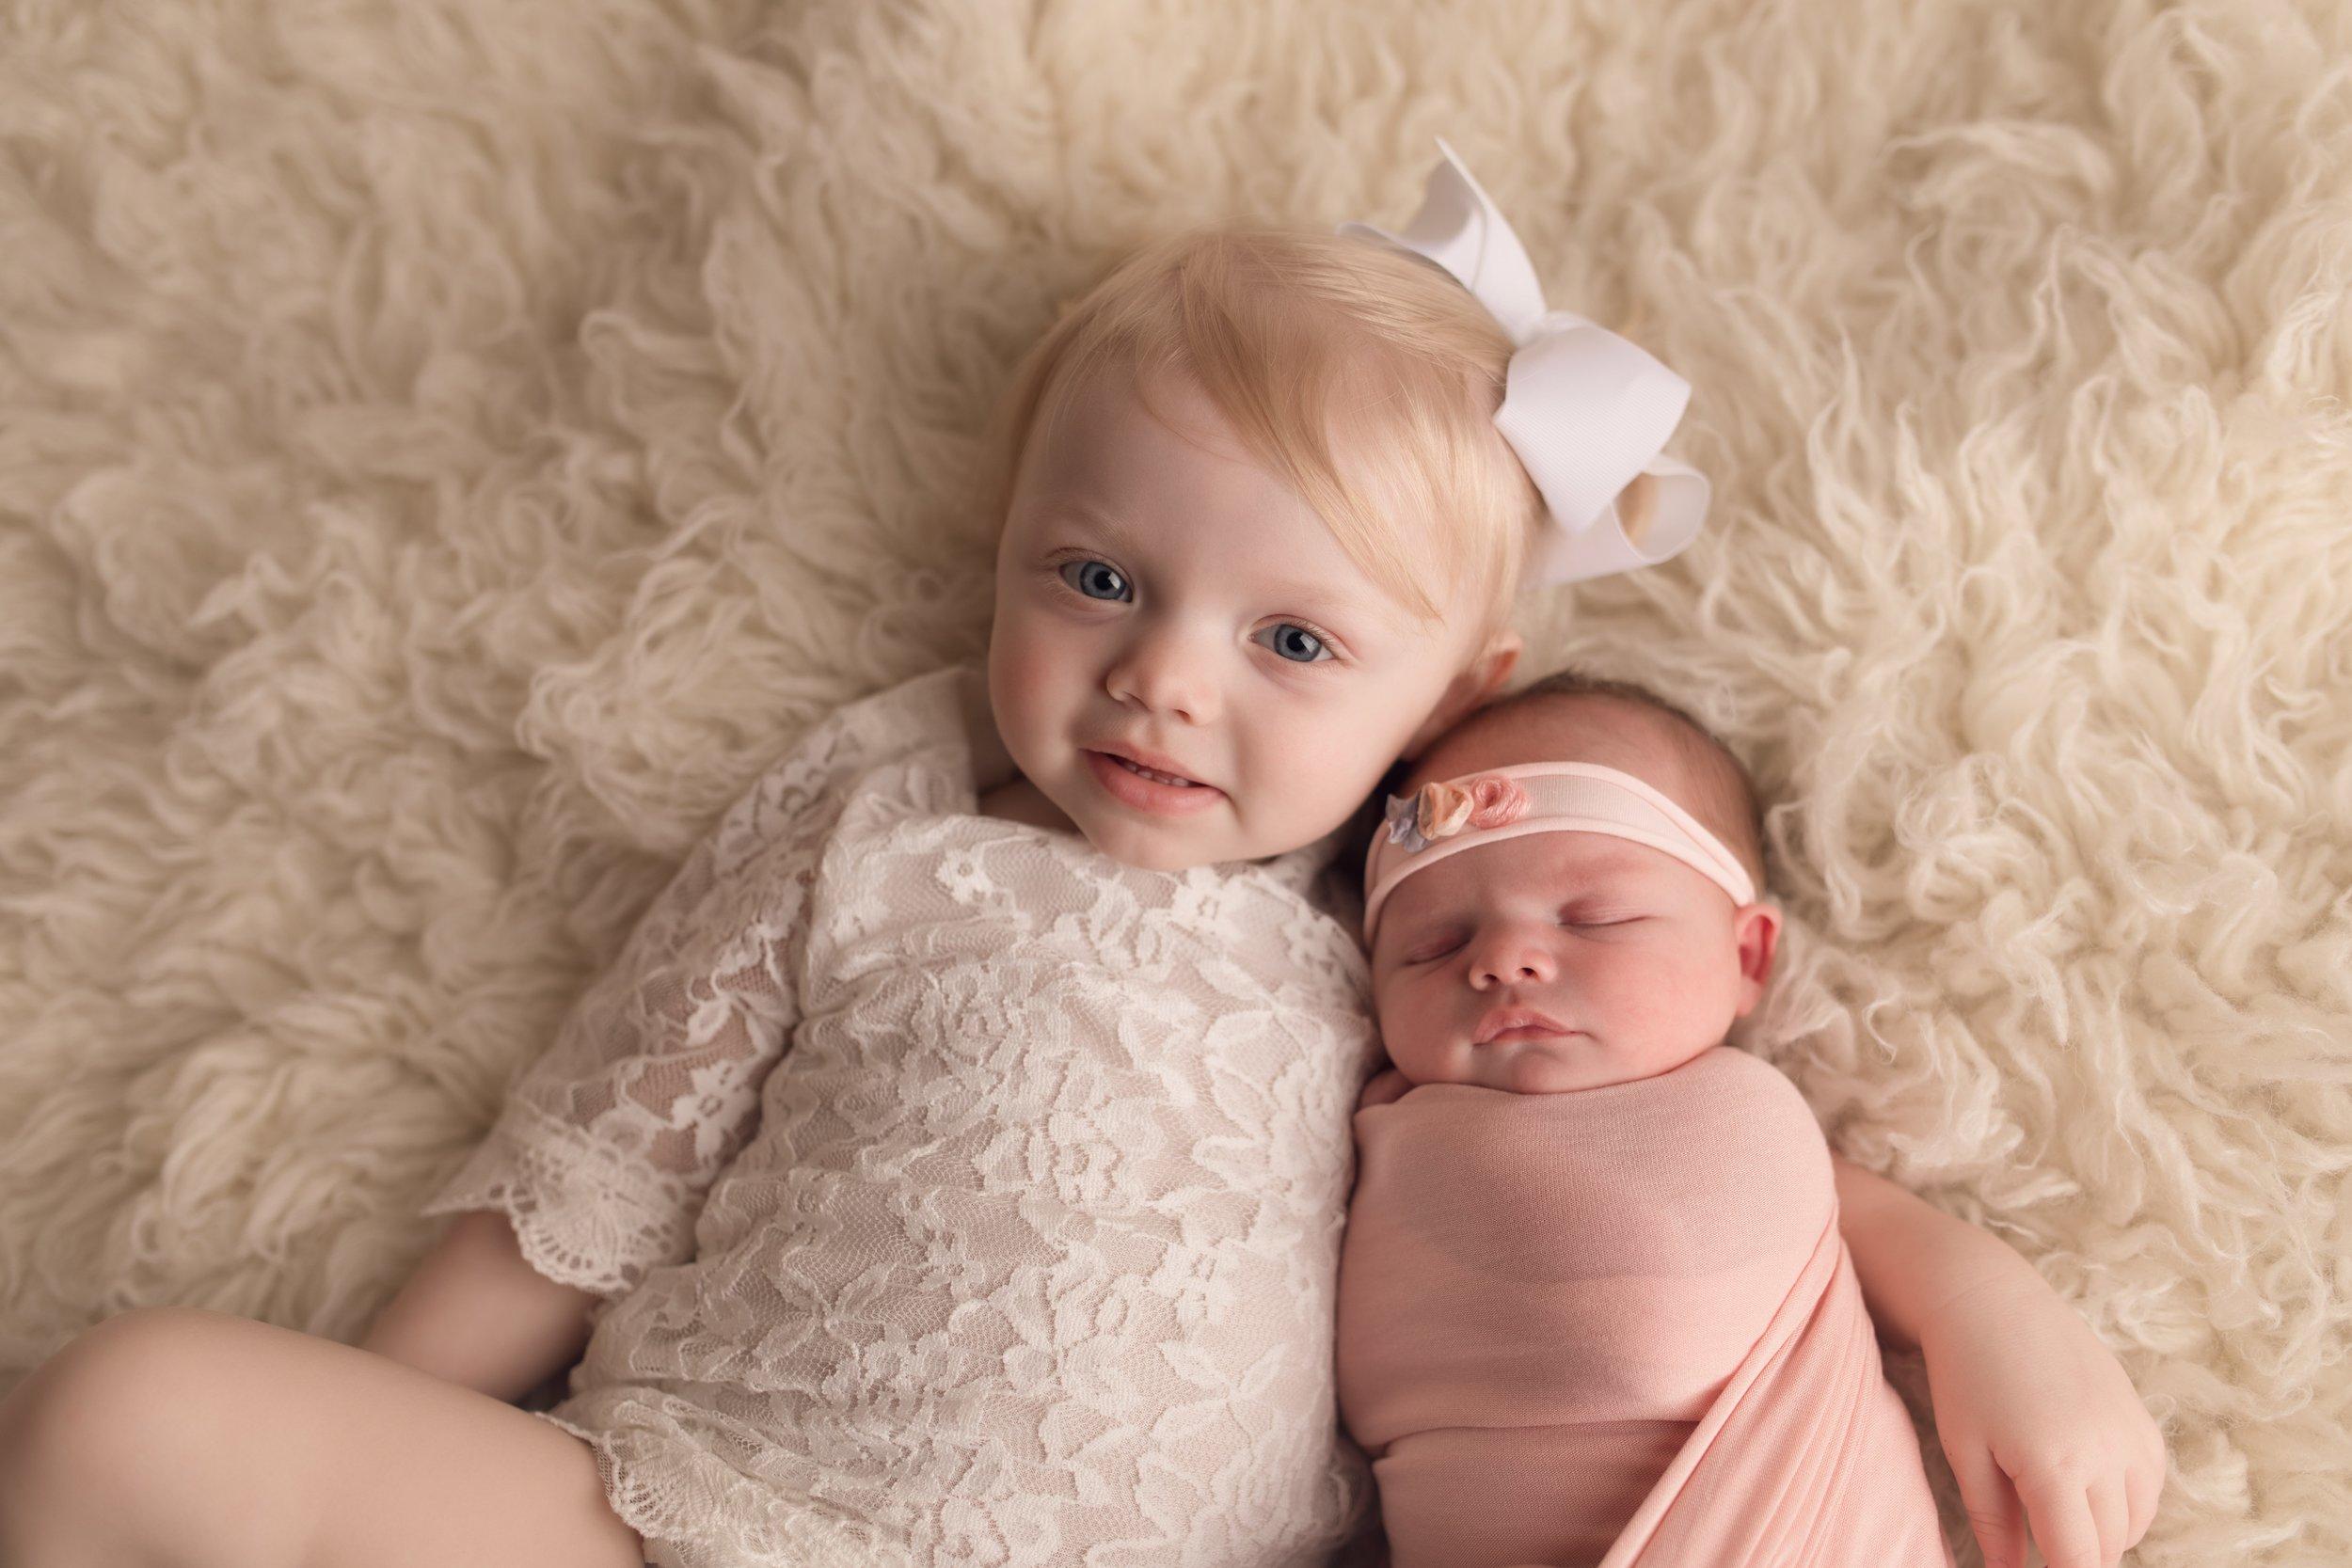 russellville-arkansas-newborn.jpg